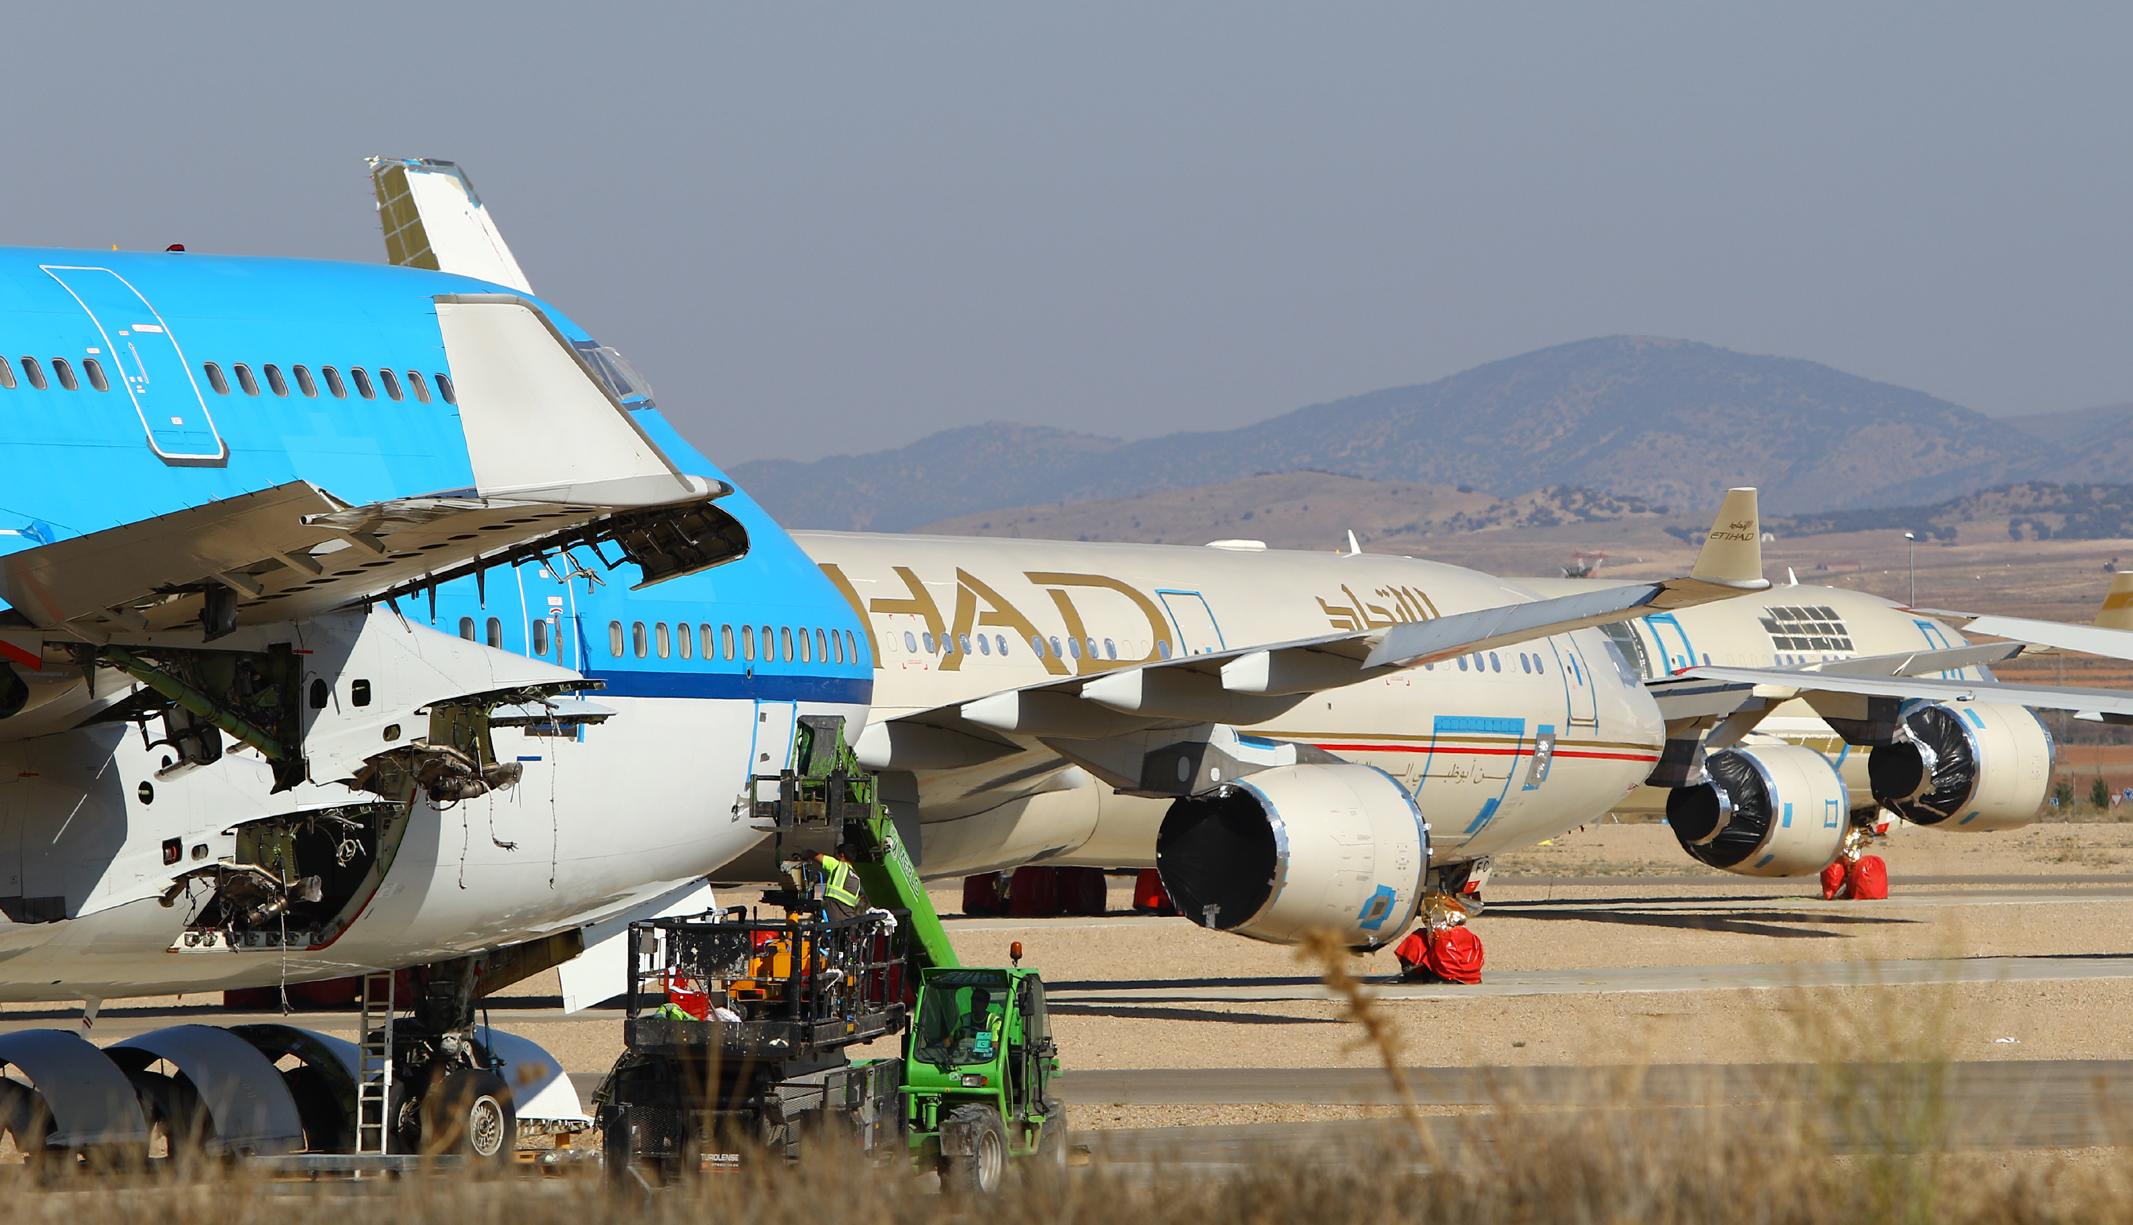 Phi trường cho thuê bãi đỗ và bảo trì máy bay phát tài nhờ COVID-19 - Ảnh 1.